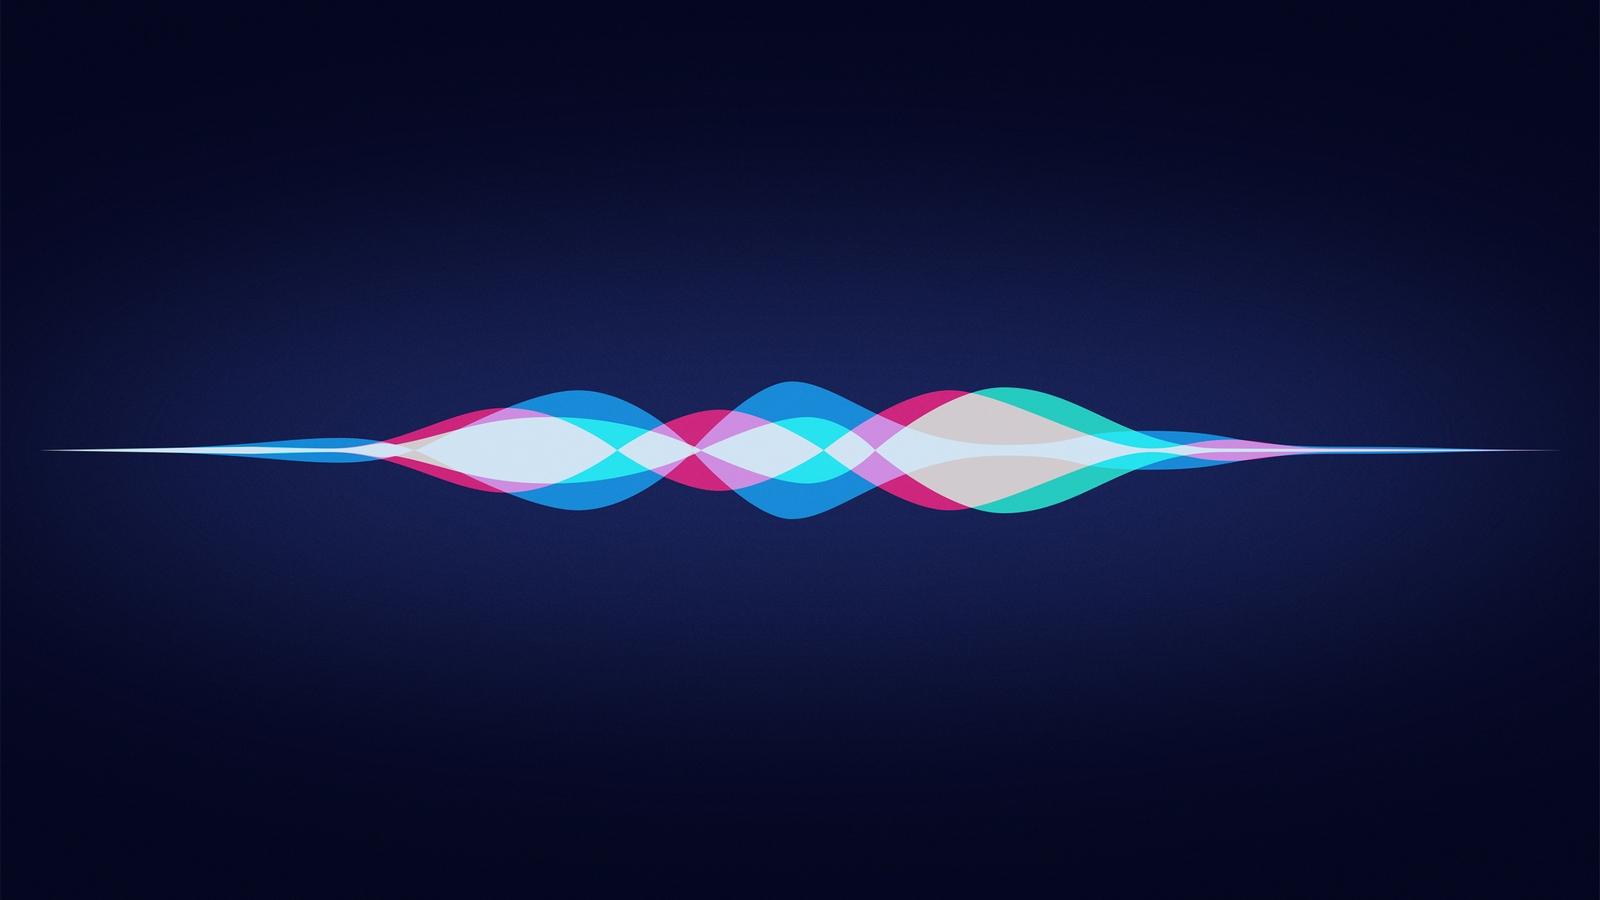 애플의 큰 변화, 인공지능에 대한 본격 진입